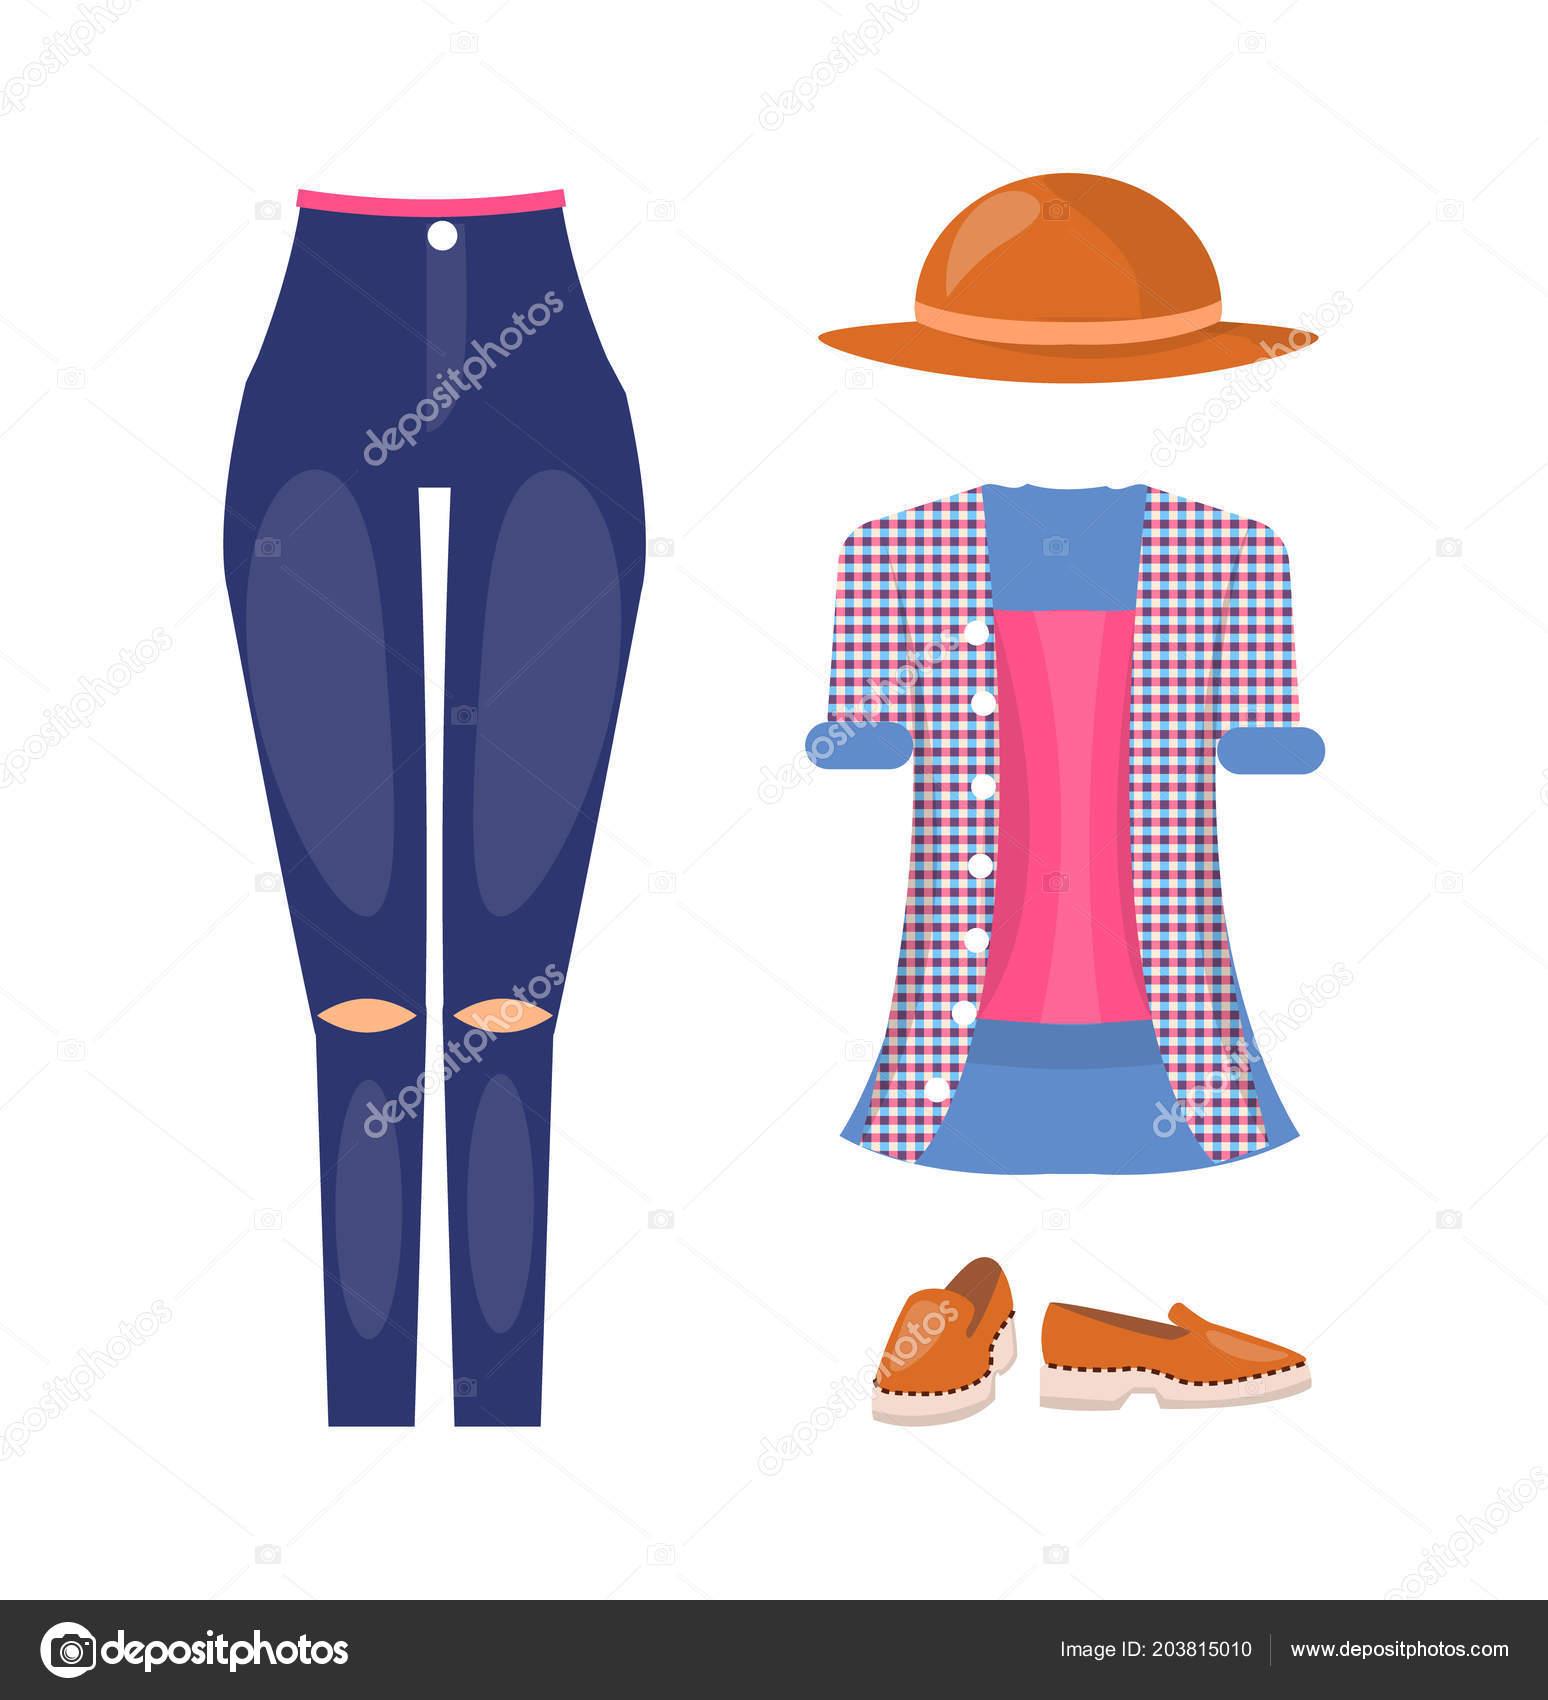 d1378aa3225aa Roupa de verão casual feminino elegante com chapéu marrom. Jeans com  joelhos rasgados